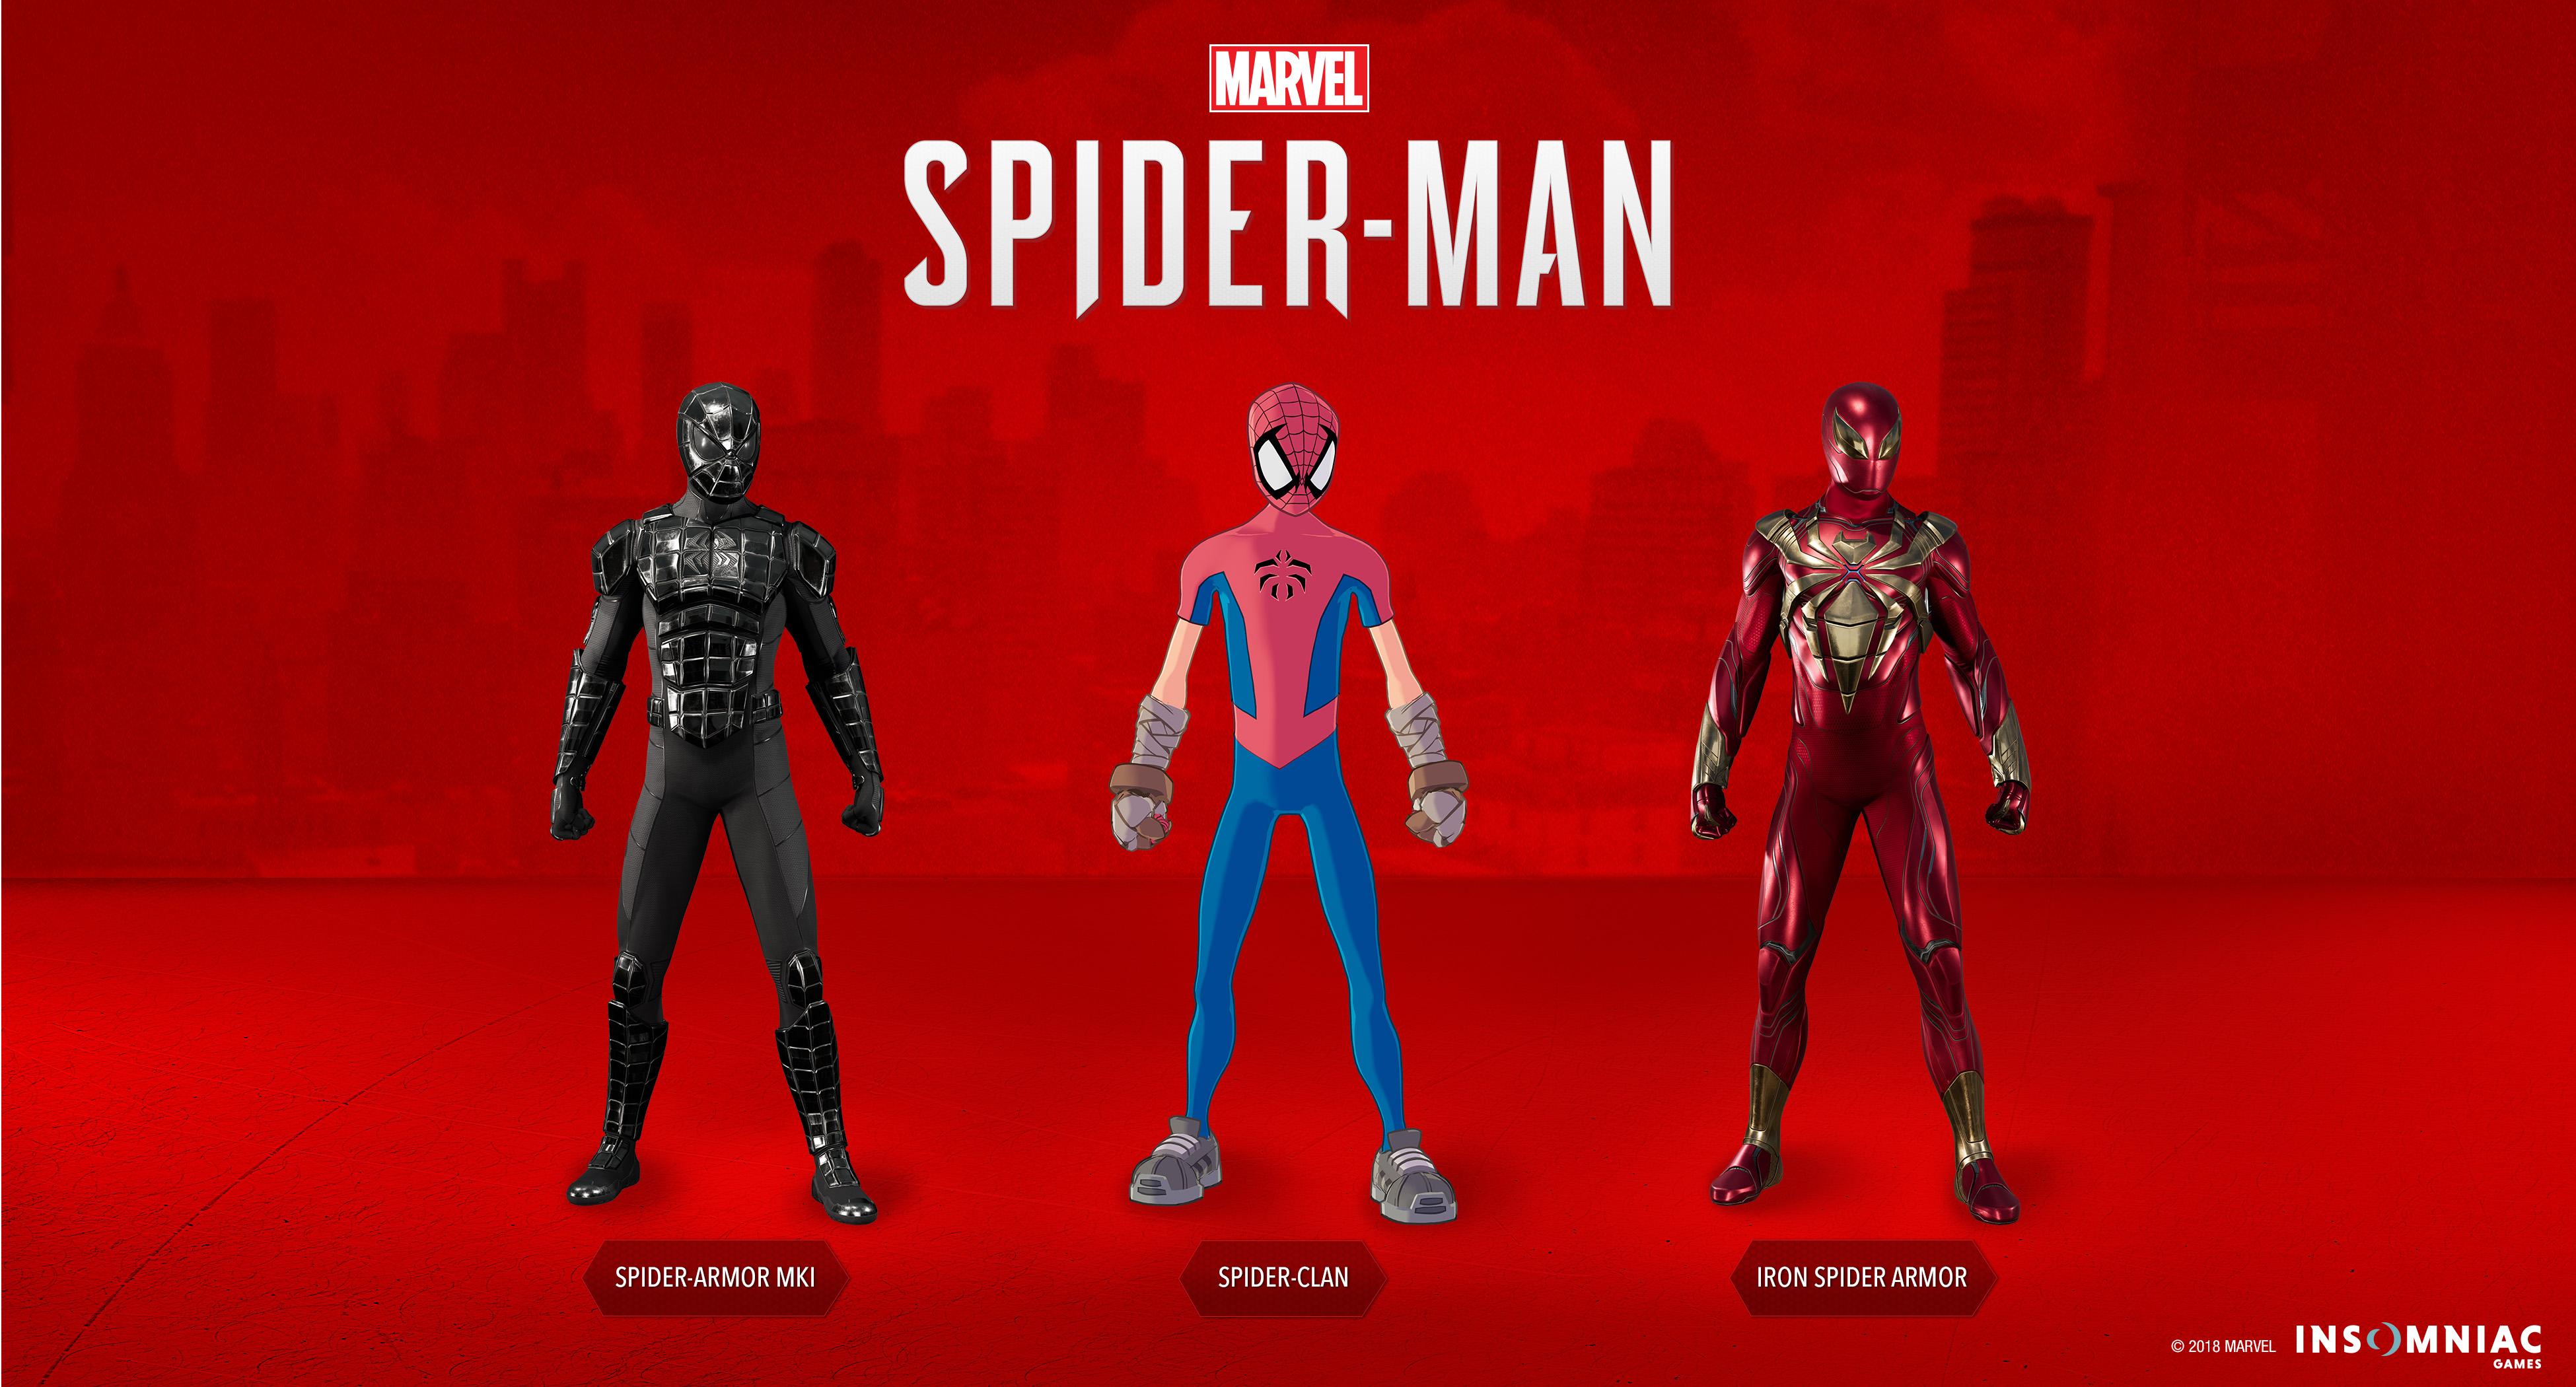 Spider-Man Turf Wars Suits